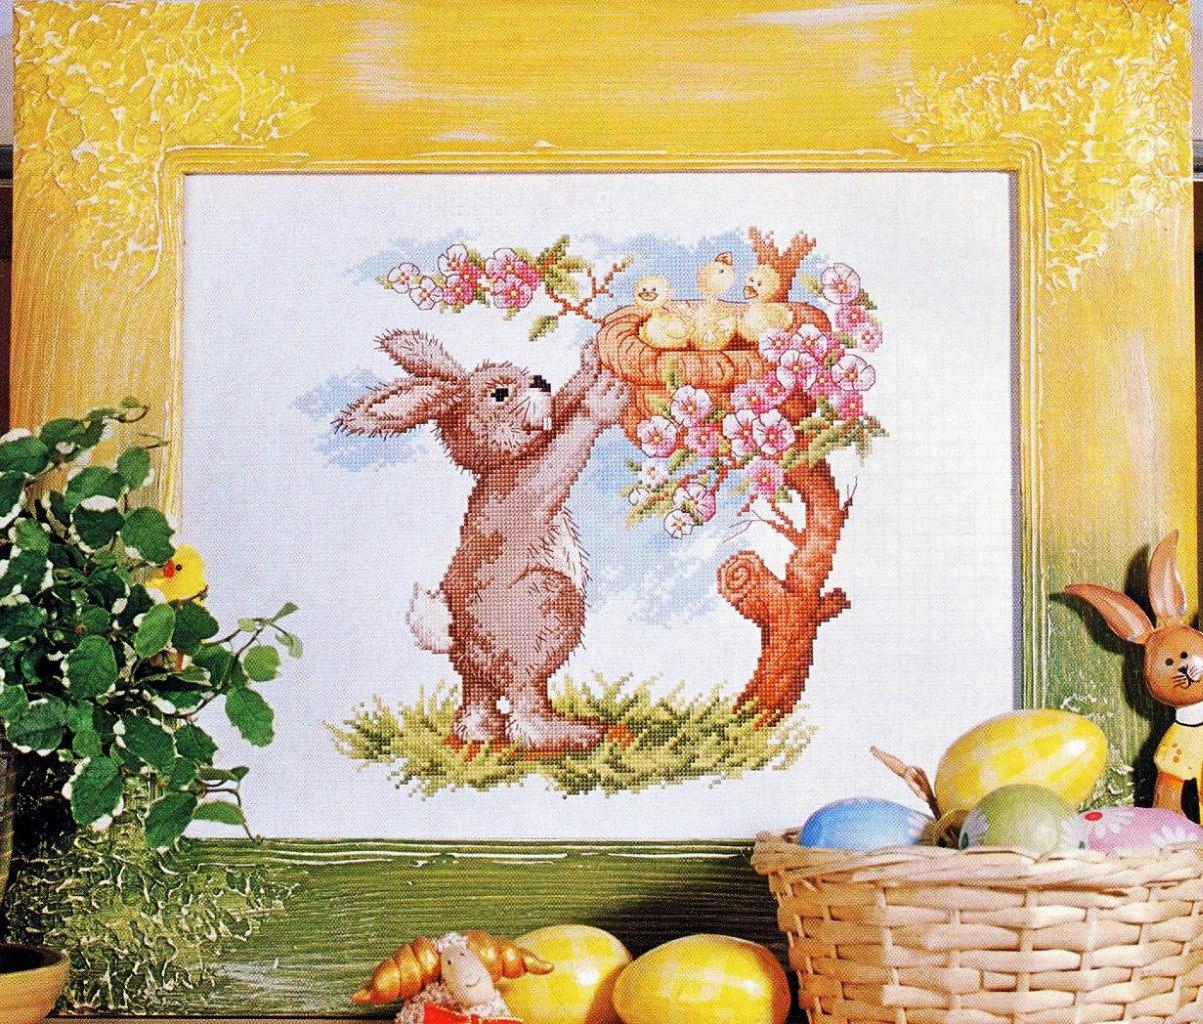 пасхальный кролик схема вышивки крестом